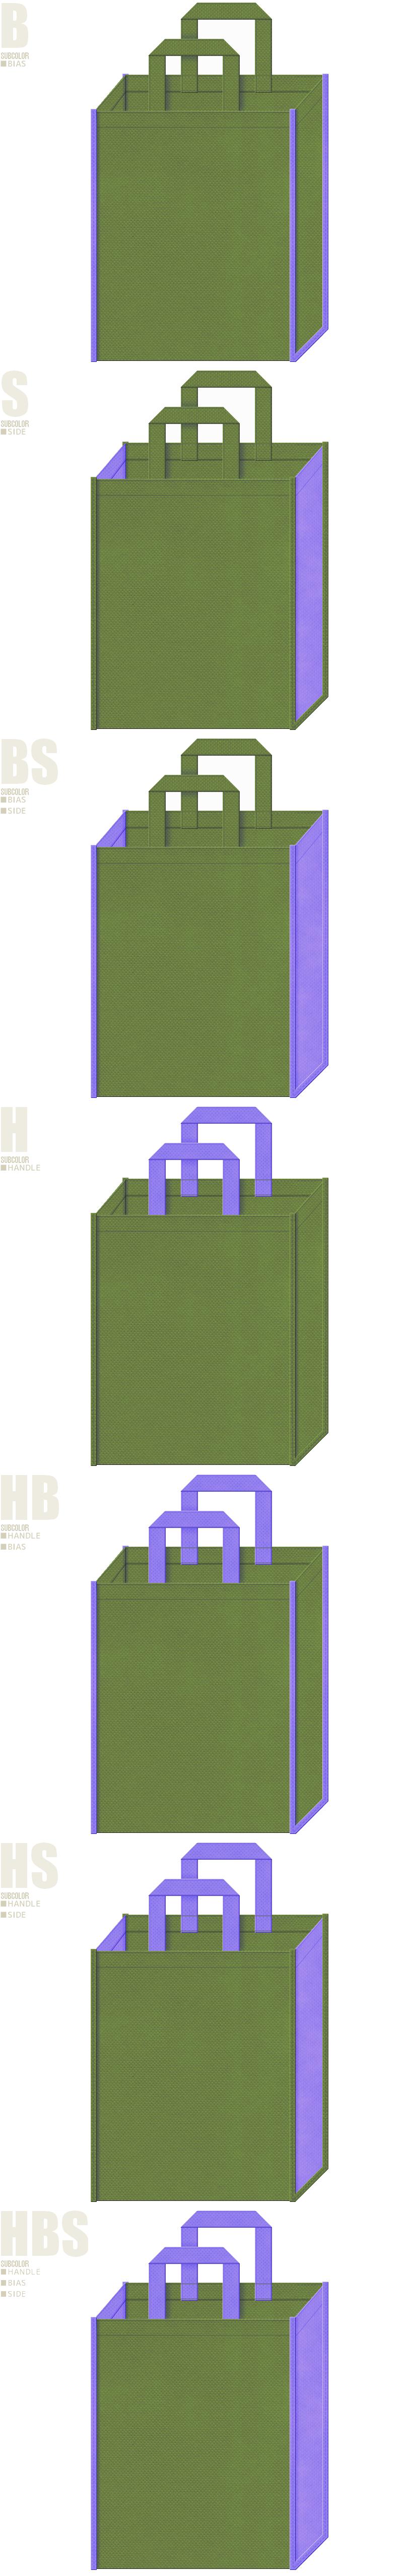 花菖蒲・生け花・邦楽演奏会・和風庭園・和風催事にお奨めの不織布バッグデザイン:草色と薄紫色の配色7パターン